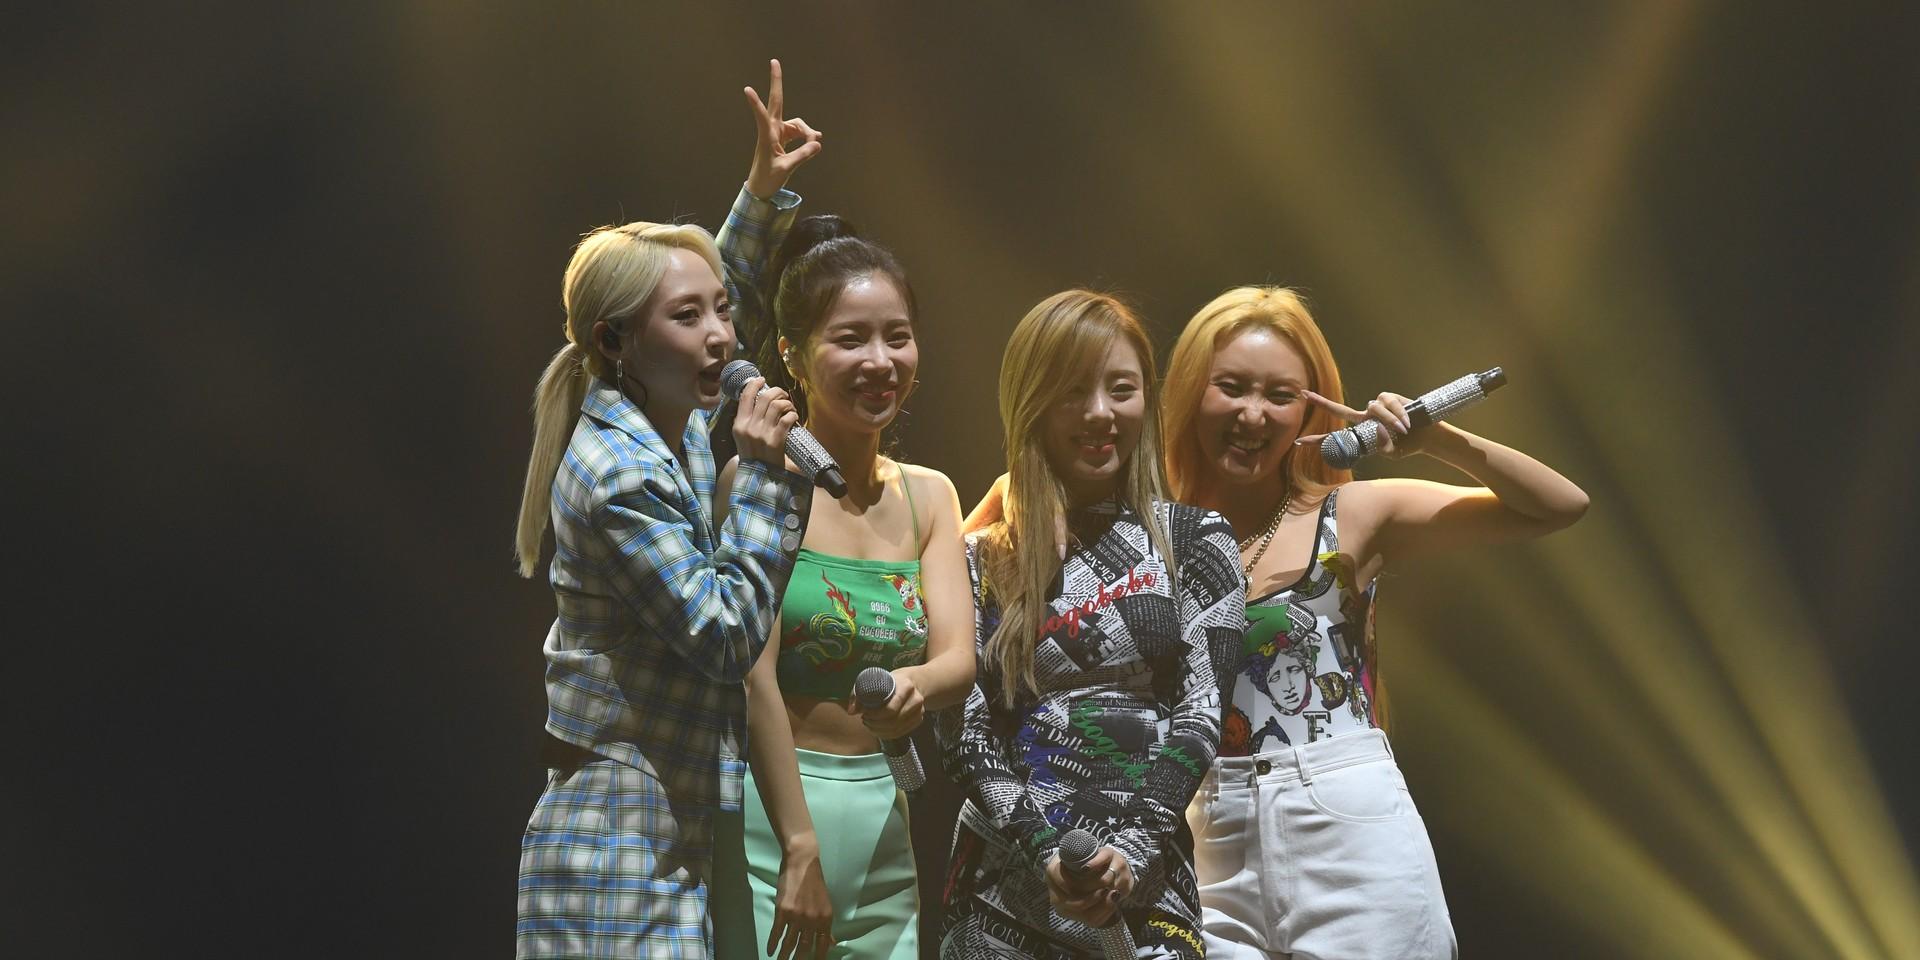 MAMAMOO新加坡粉丝见面会后记:不只会唱会跳还很会玩的女团